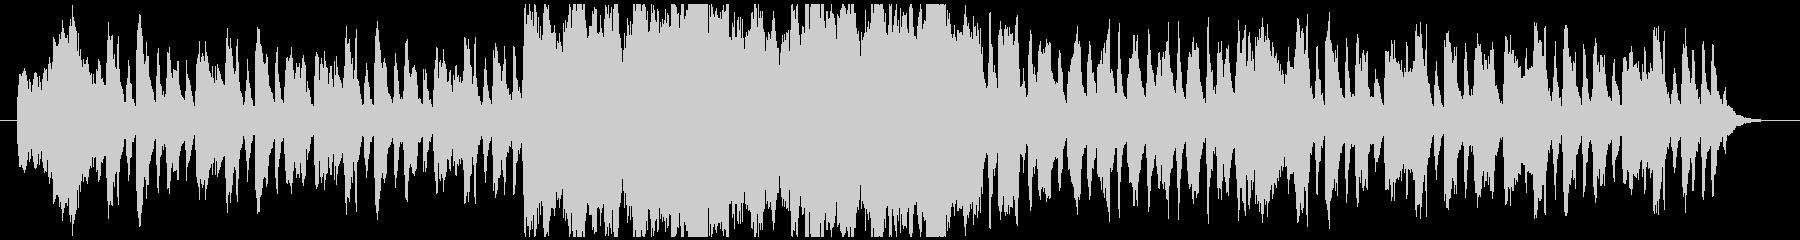 フルートとストリングスの可愛いワルツ曲の未再生の波形